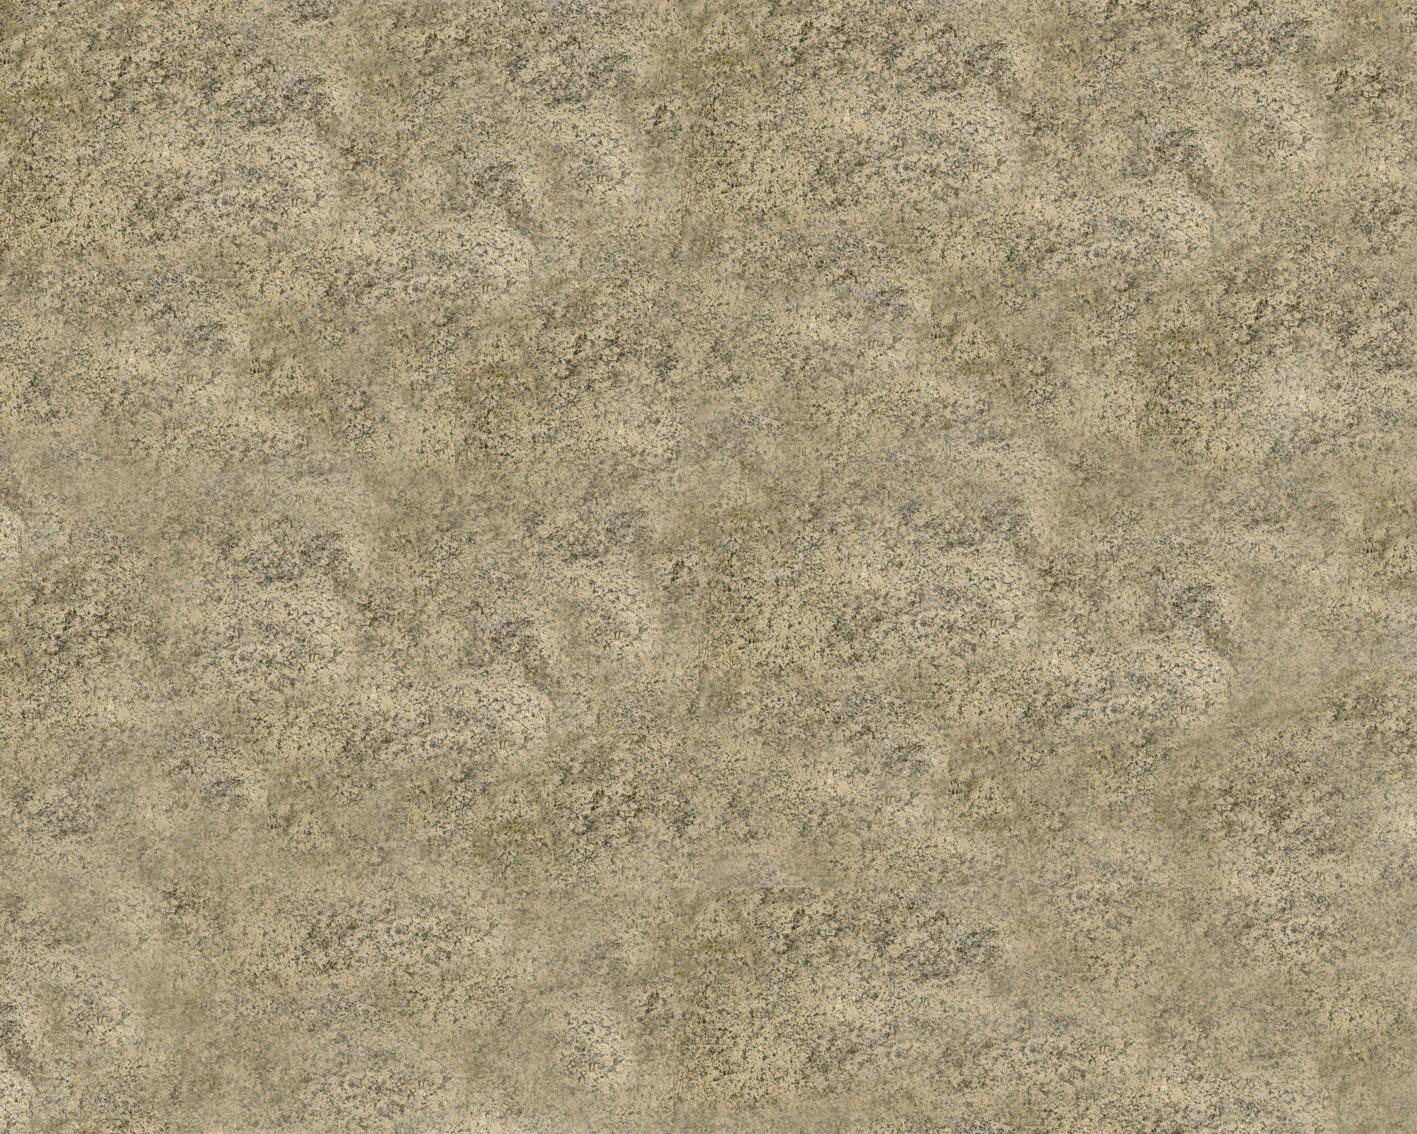 Textura granito photoshop imagui for Piedra para granito